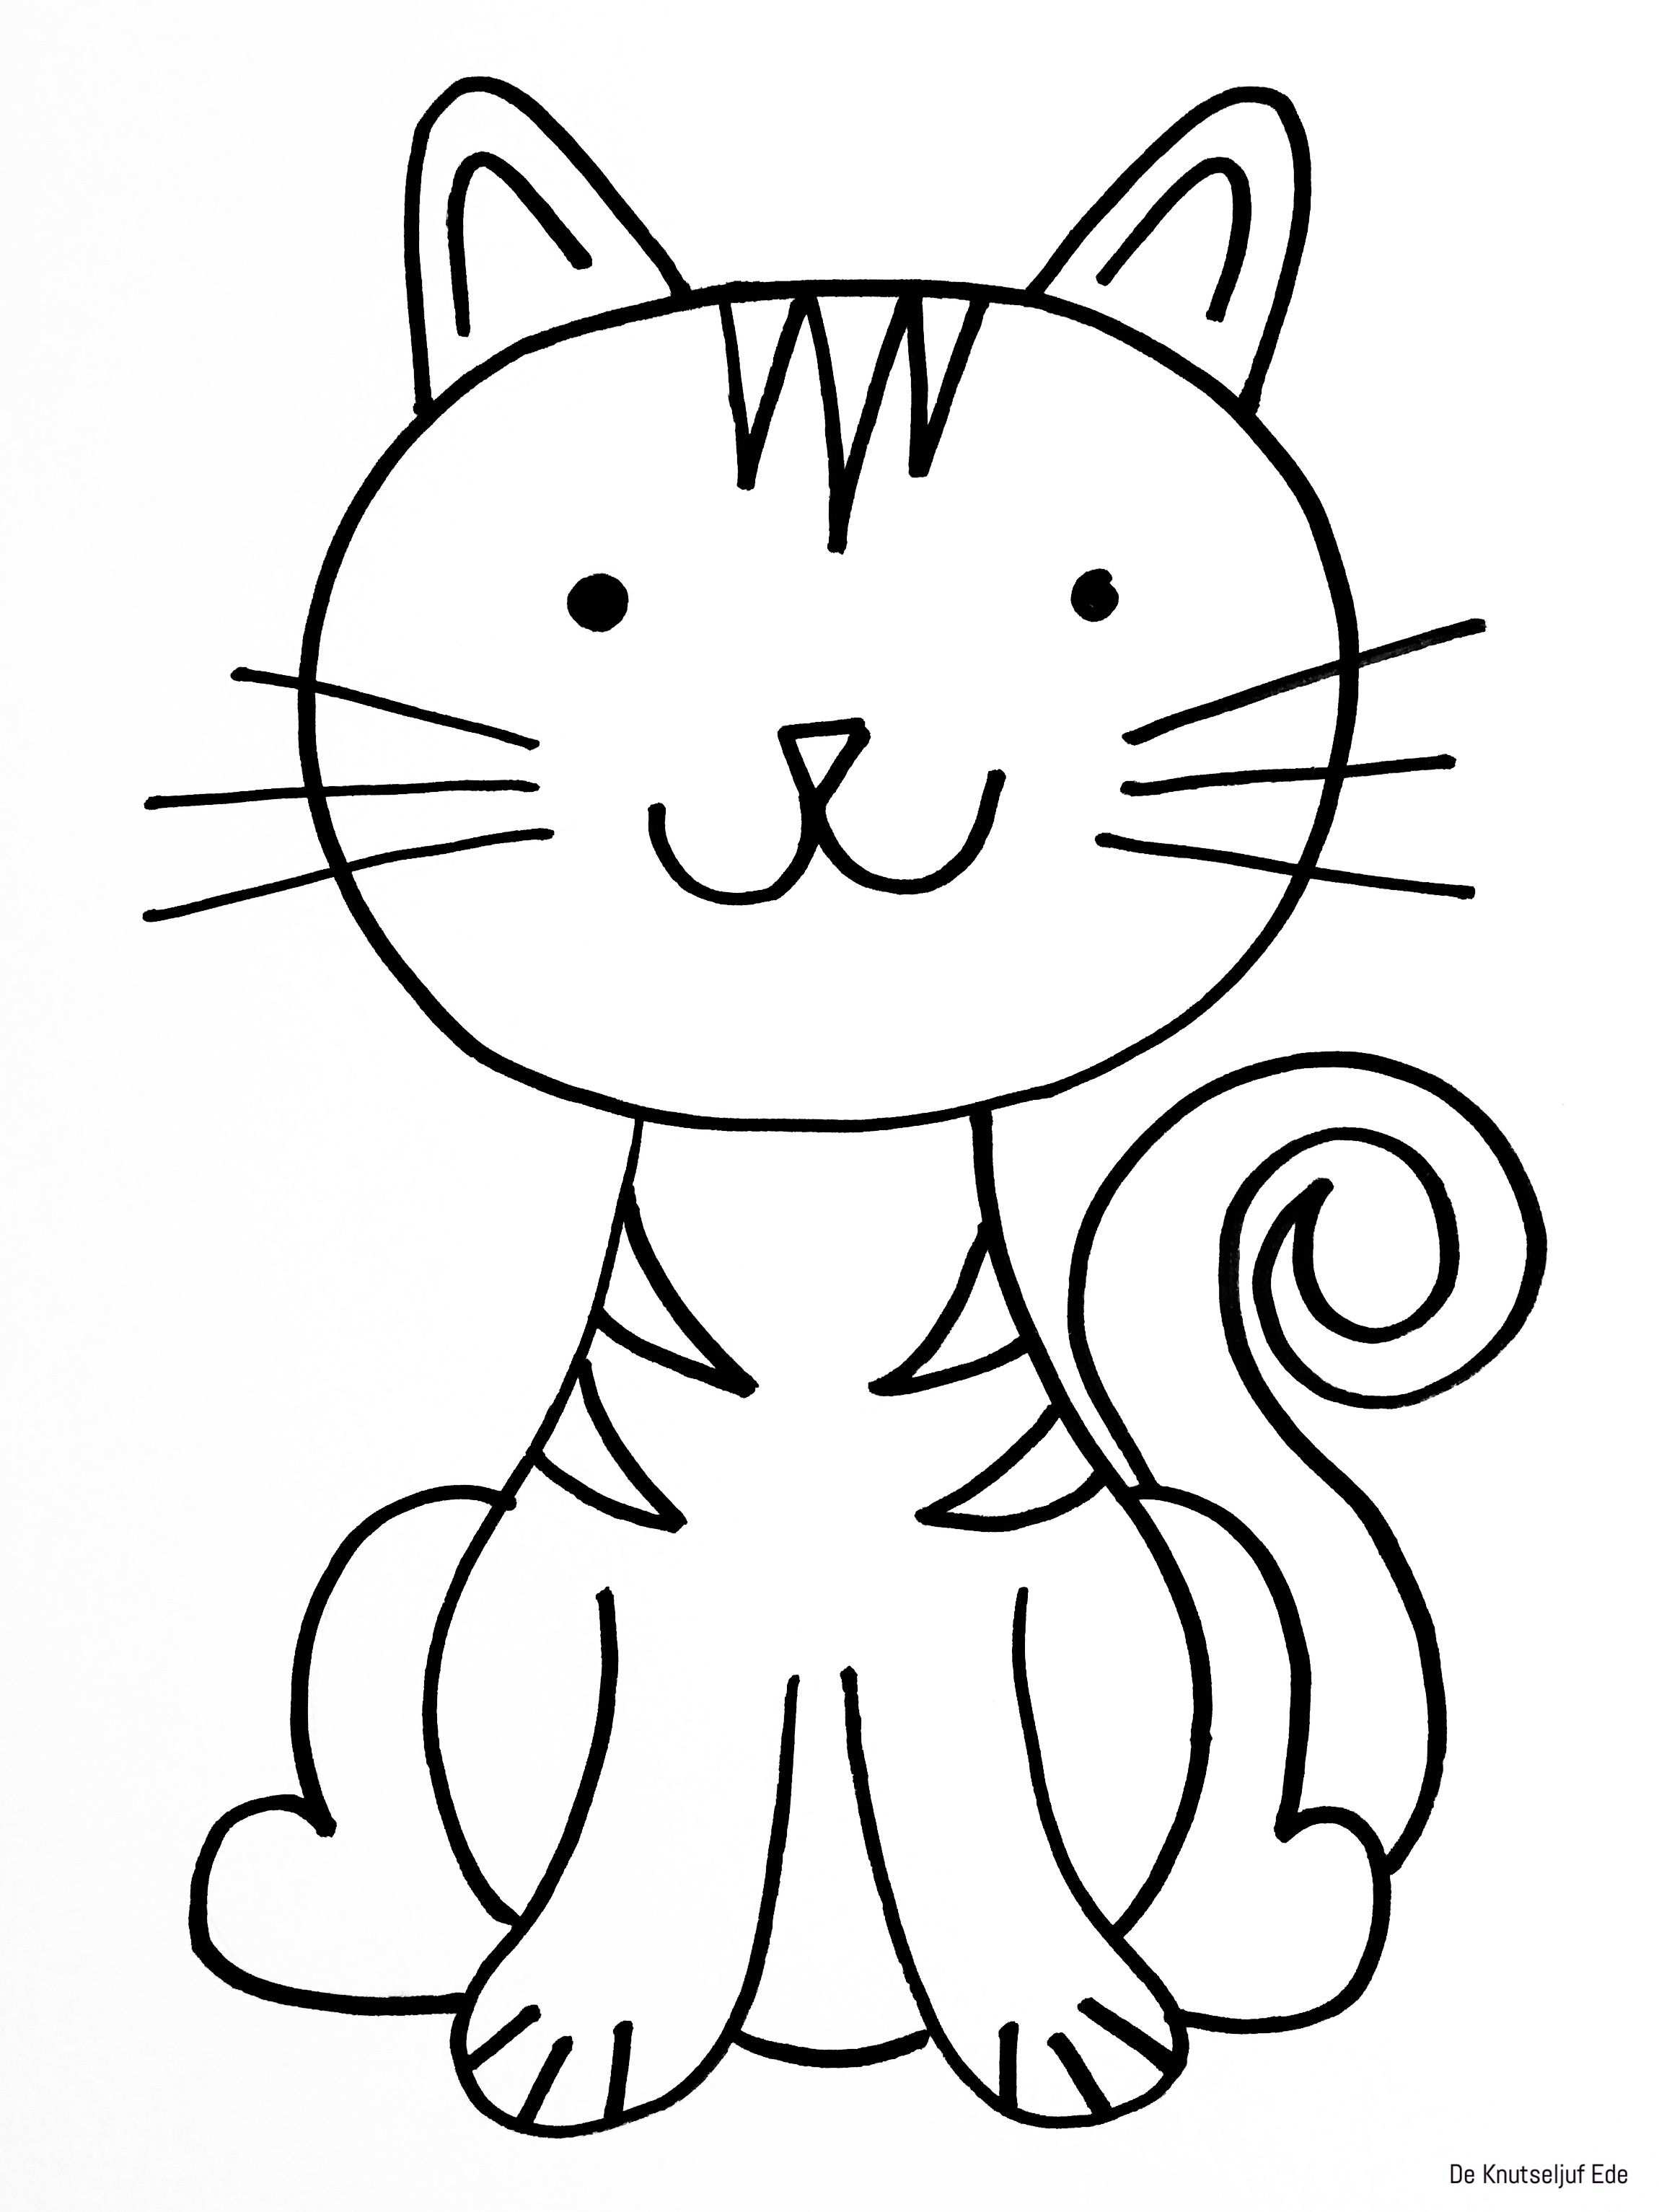 Pin Van Asha Creative Op Education In 2020 Kleurplaten Katten